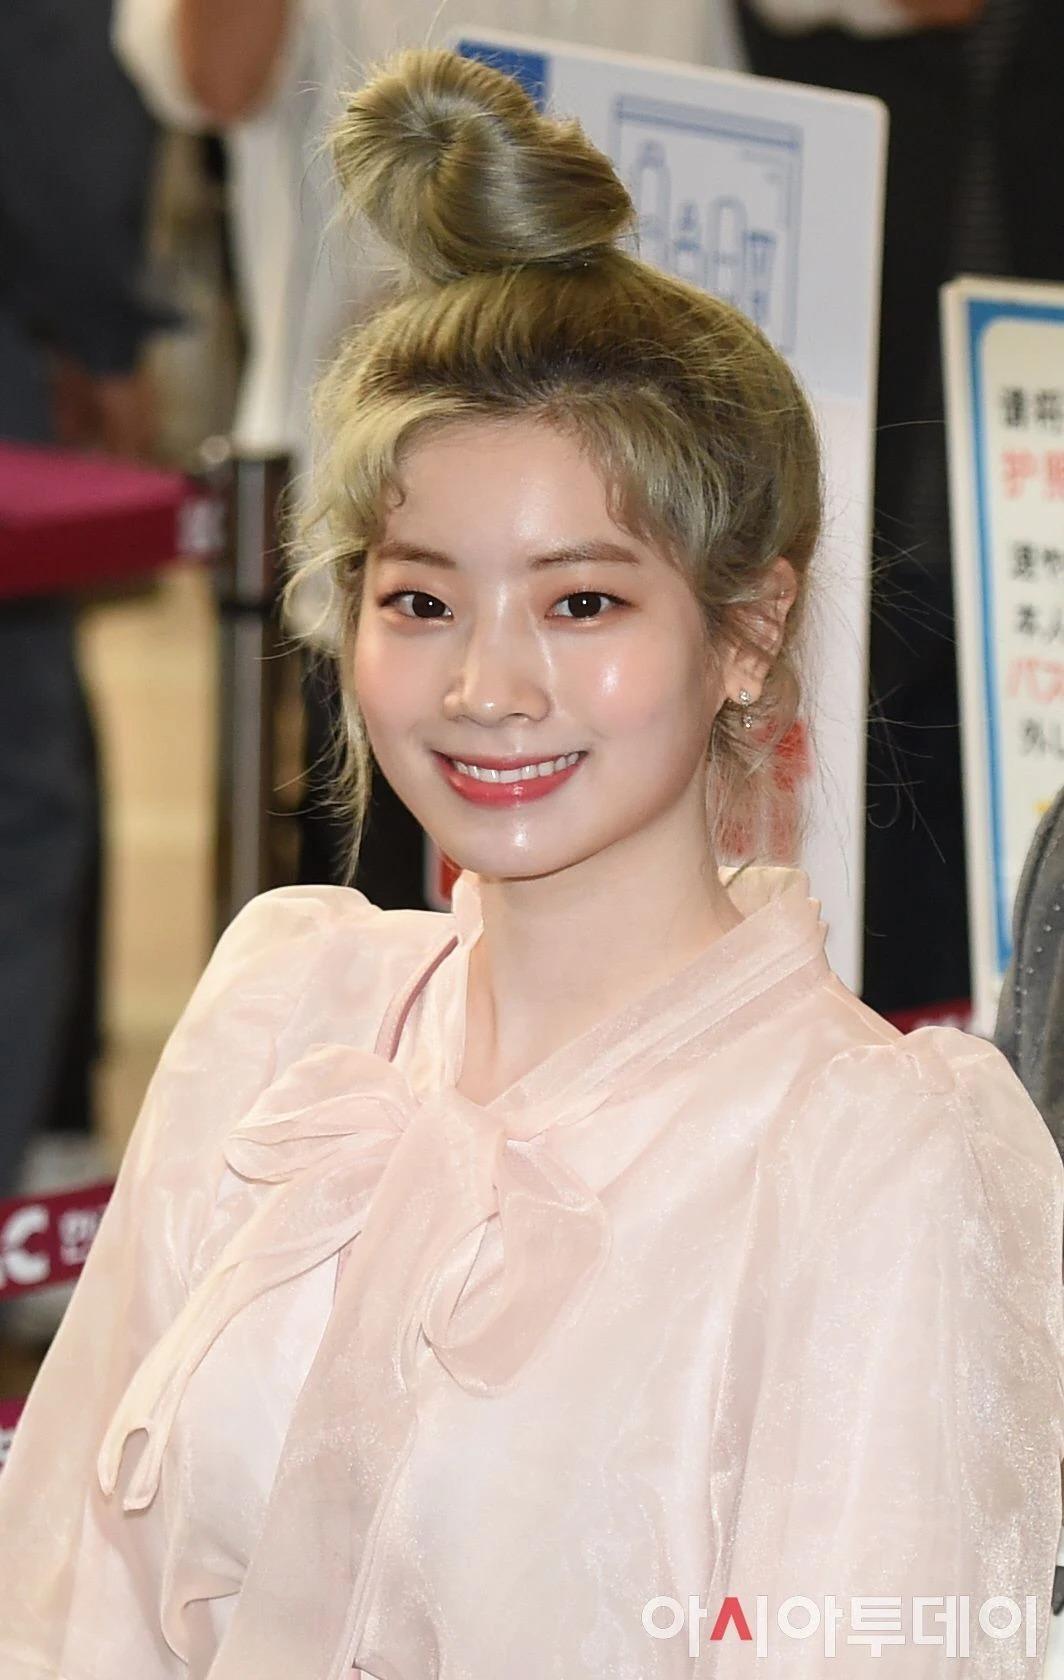 Da Hyun luôn rất trẻ trung nhờ làn da đẹp như em bé. Khi trang điểm theo mốt căng bóng, phần mũi, má, cằm của thành viên Twice rất mịn mượt, trắng sáng bật tông.